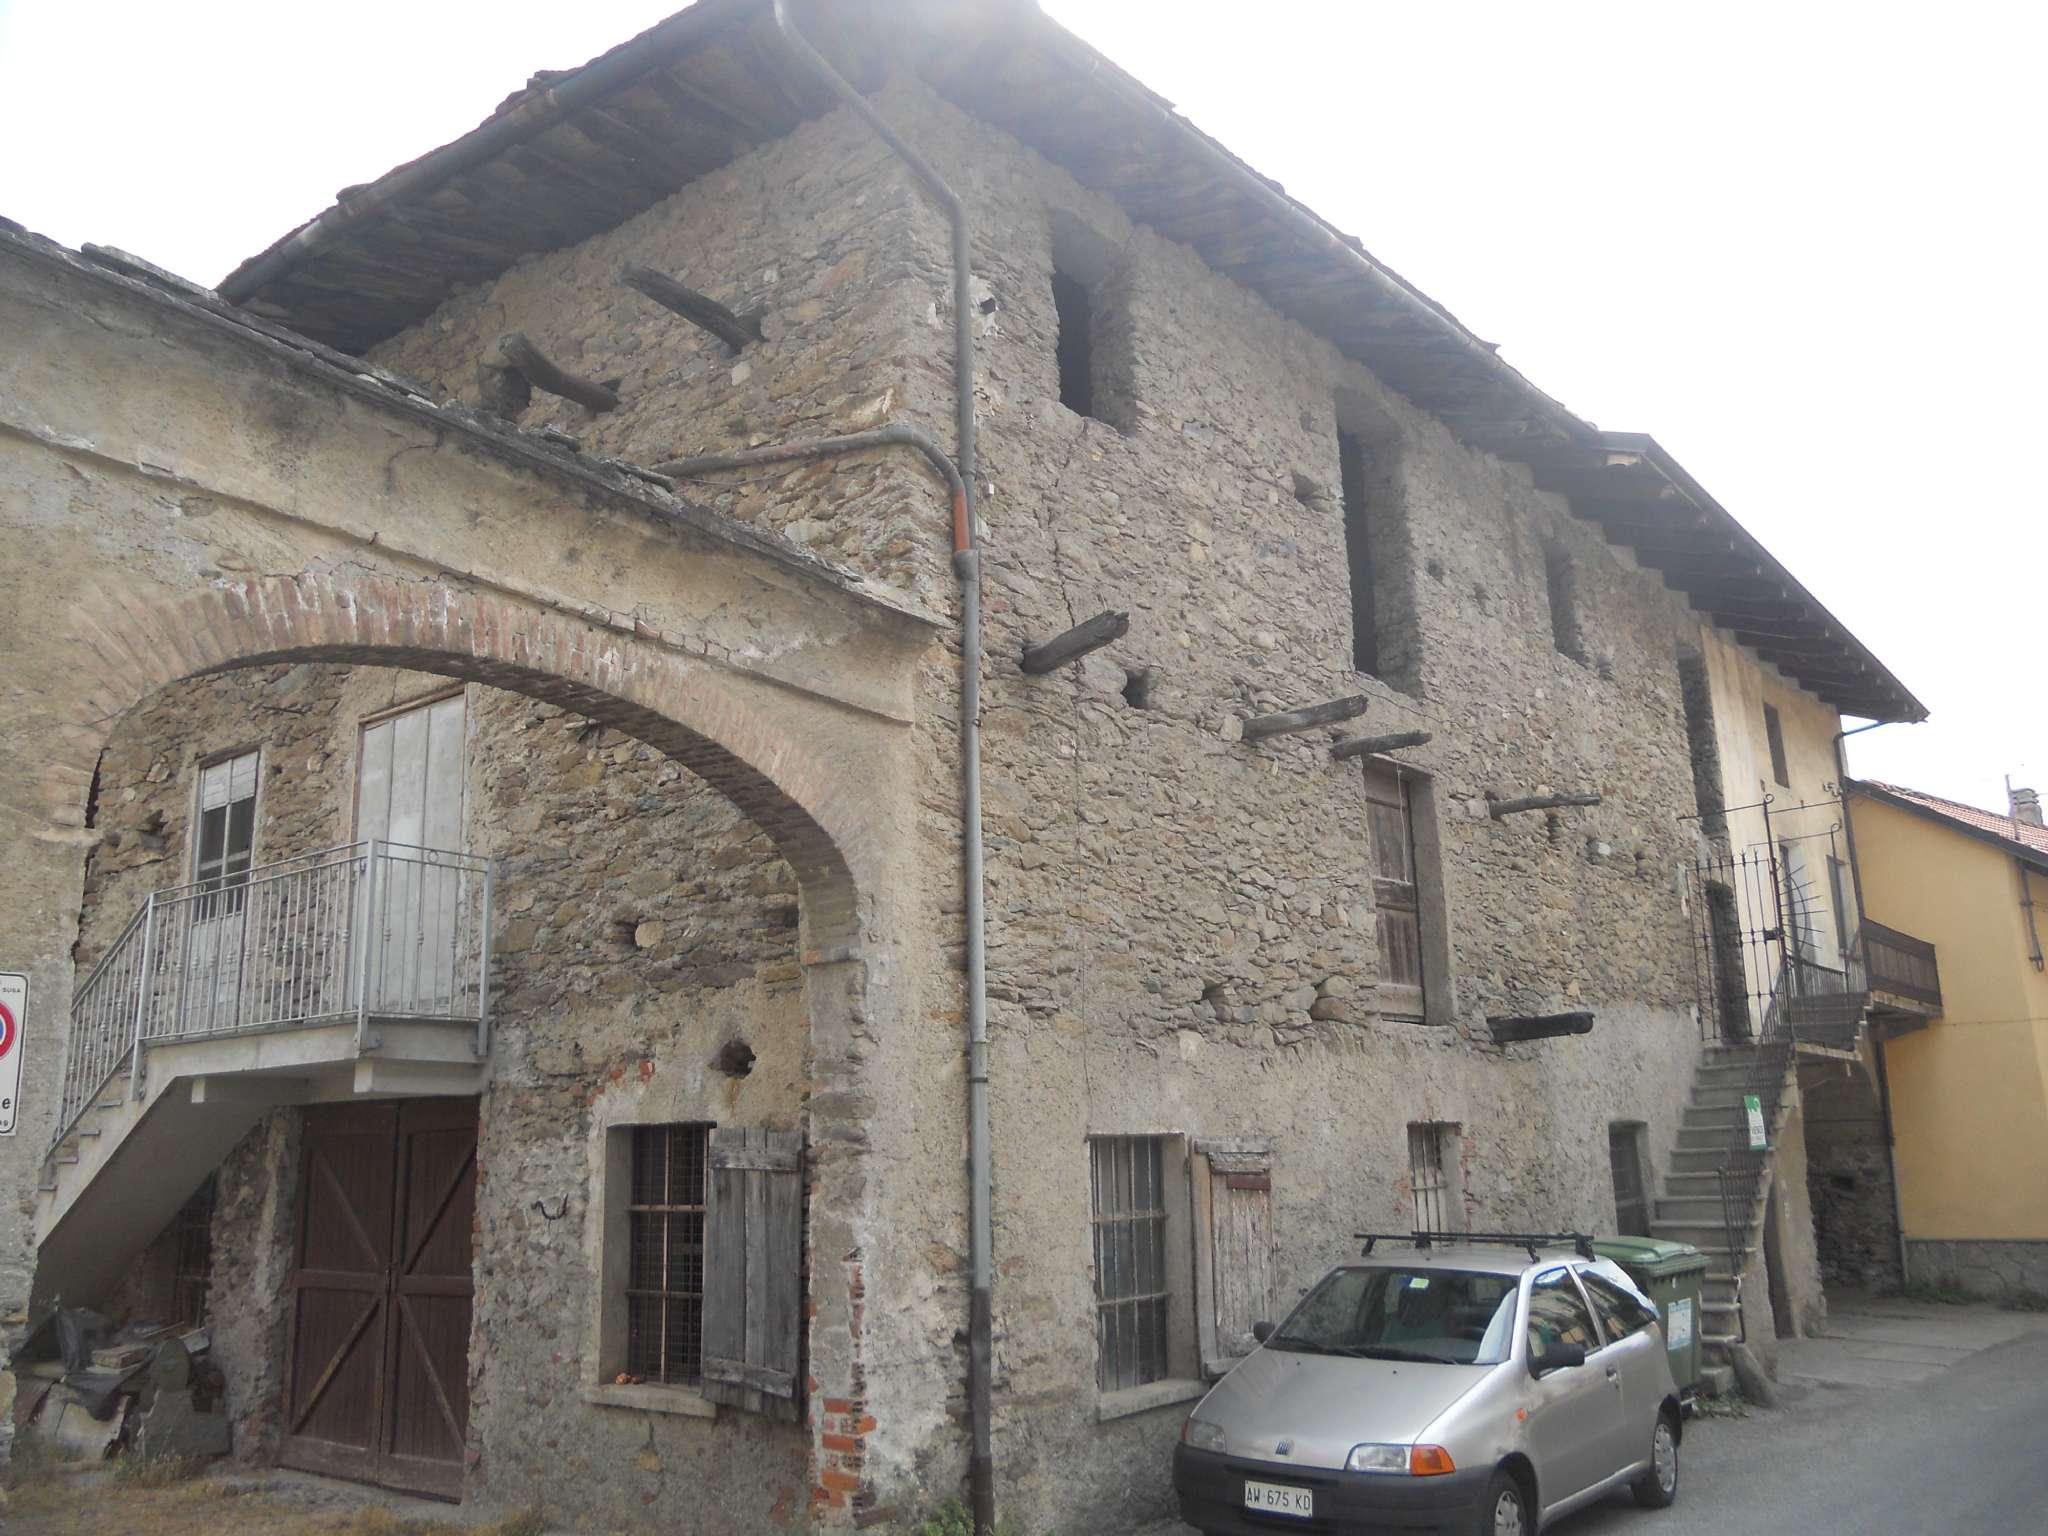 Rustico / Casale in vendita a San Giorio di Susa, 4 locali, prezzo € 29.000 | PortaleAgenzieImmobiliari.it